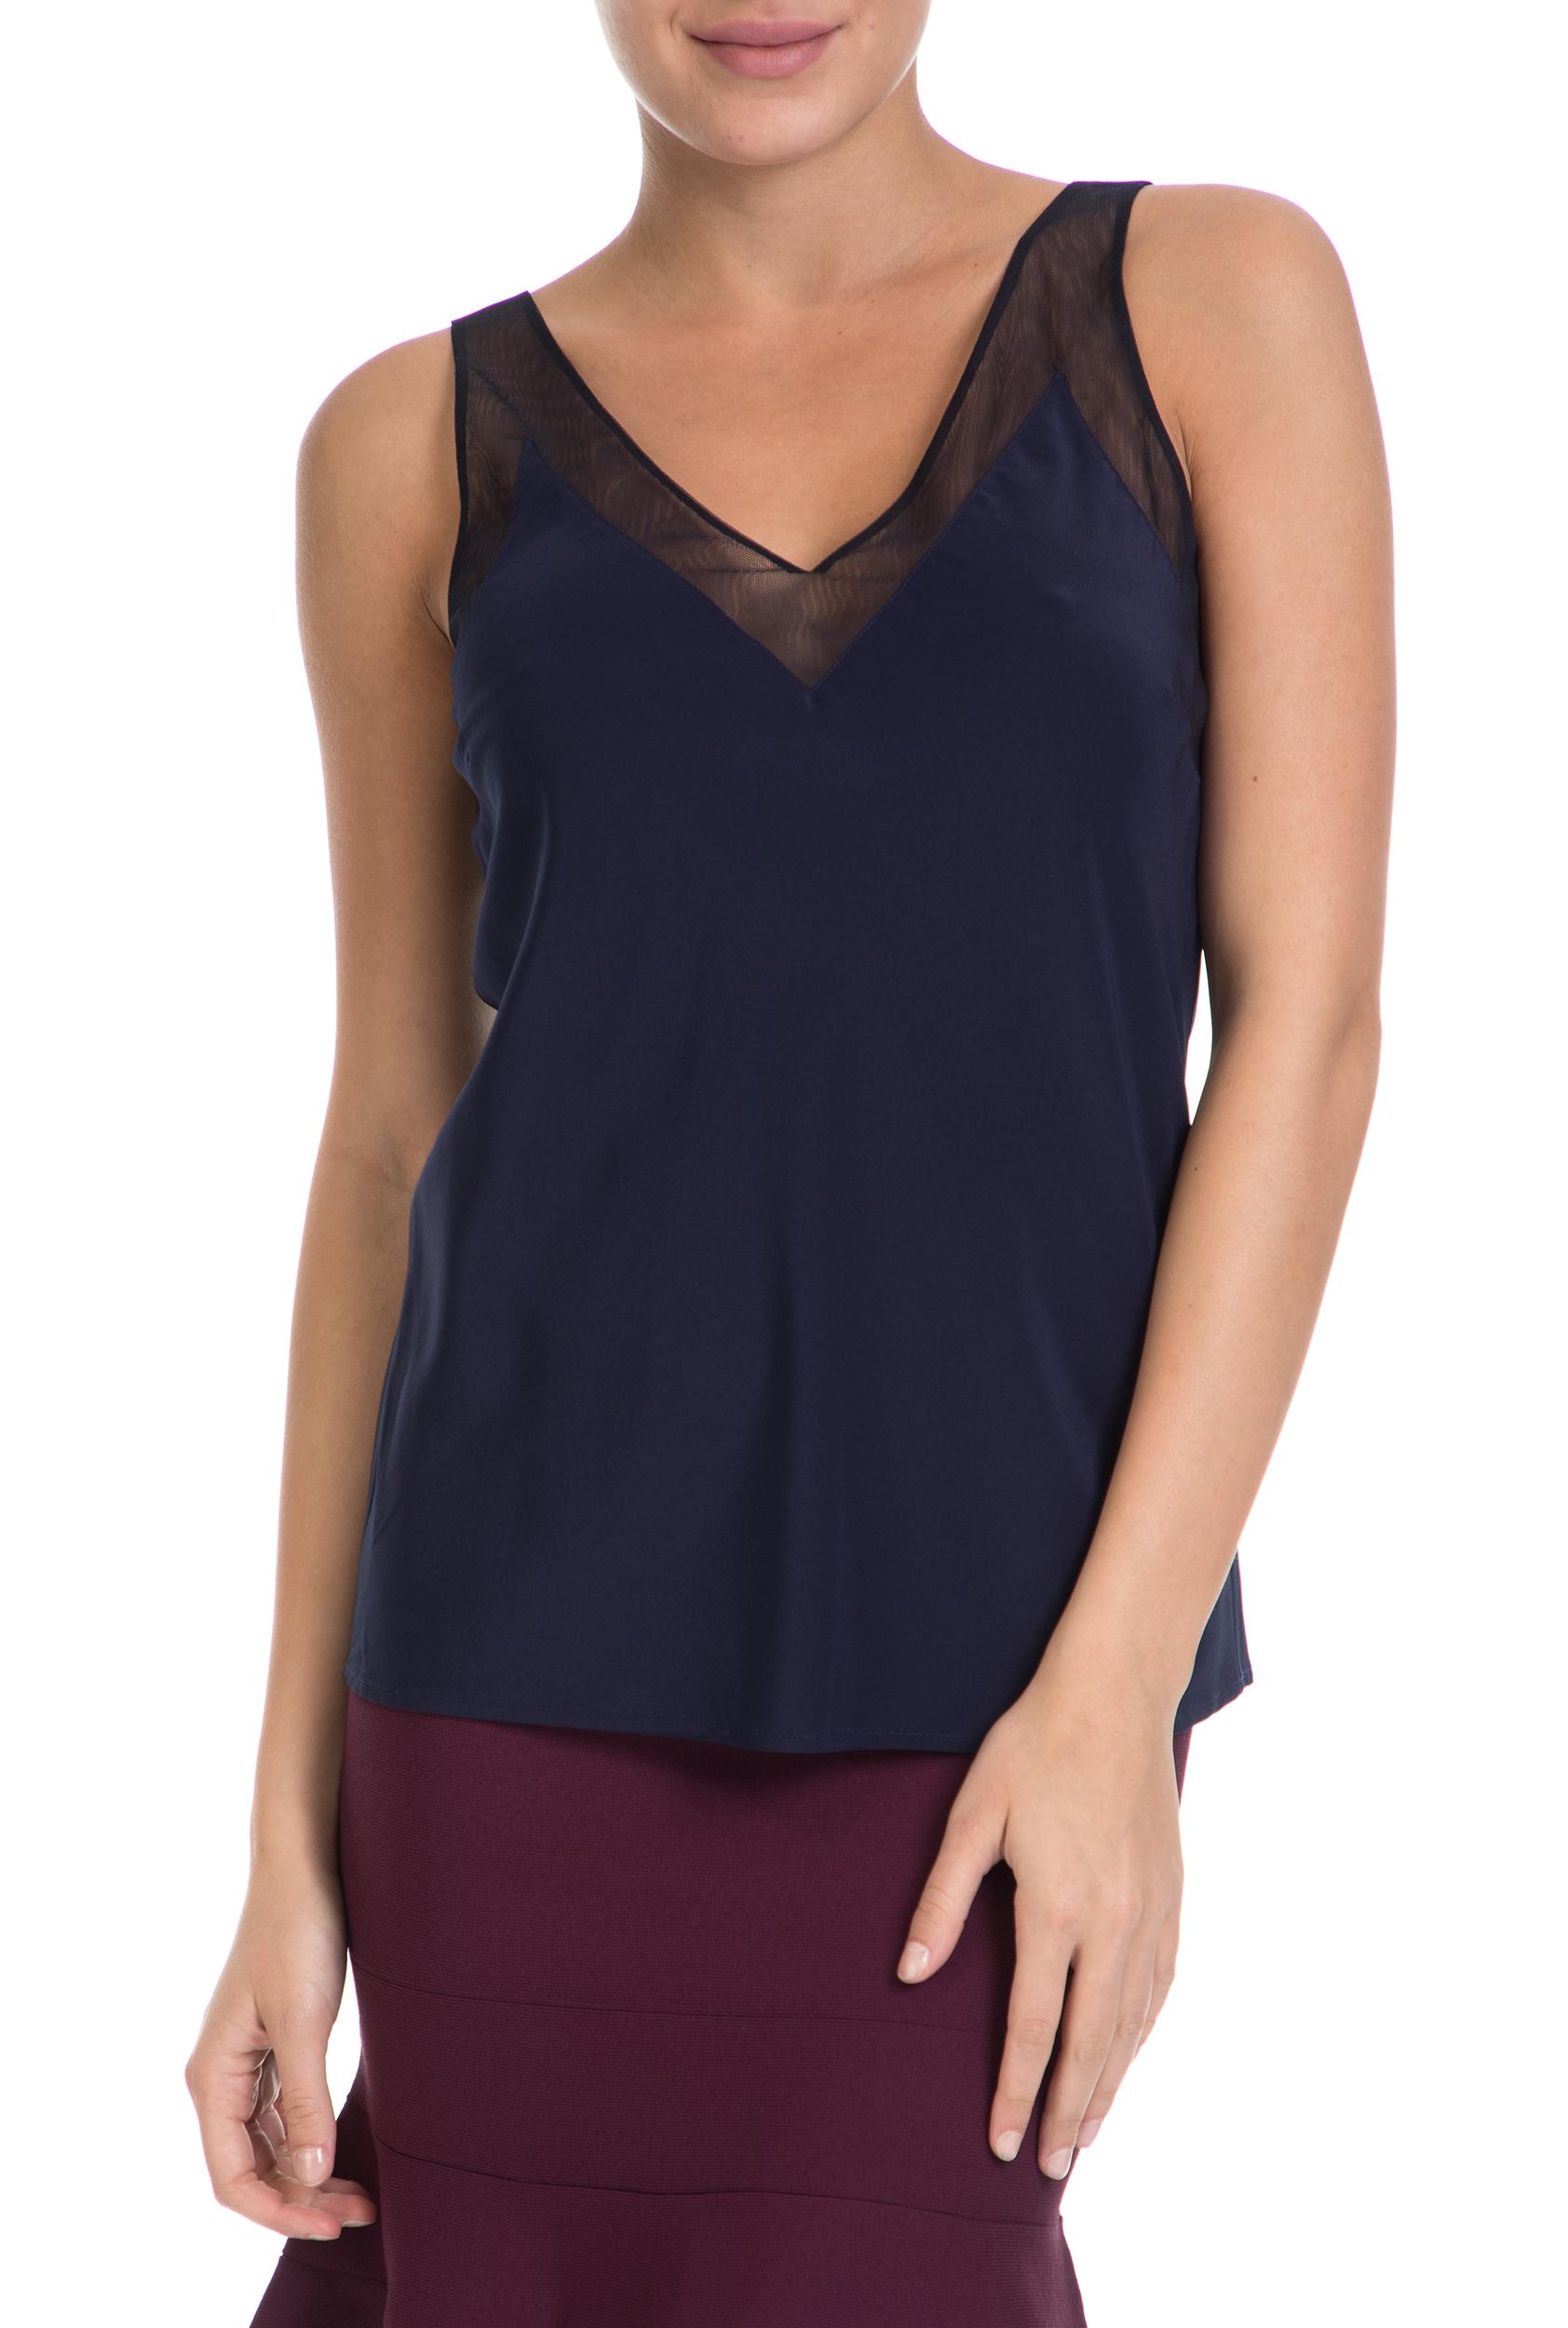 TED BAKER – Γυναικεία μπλούζα LEIAA V TED BAKER μπλε 68 c7222e0969d